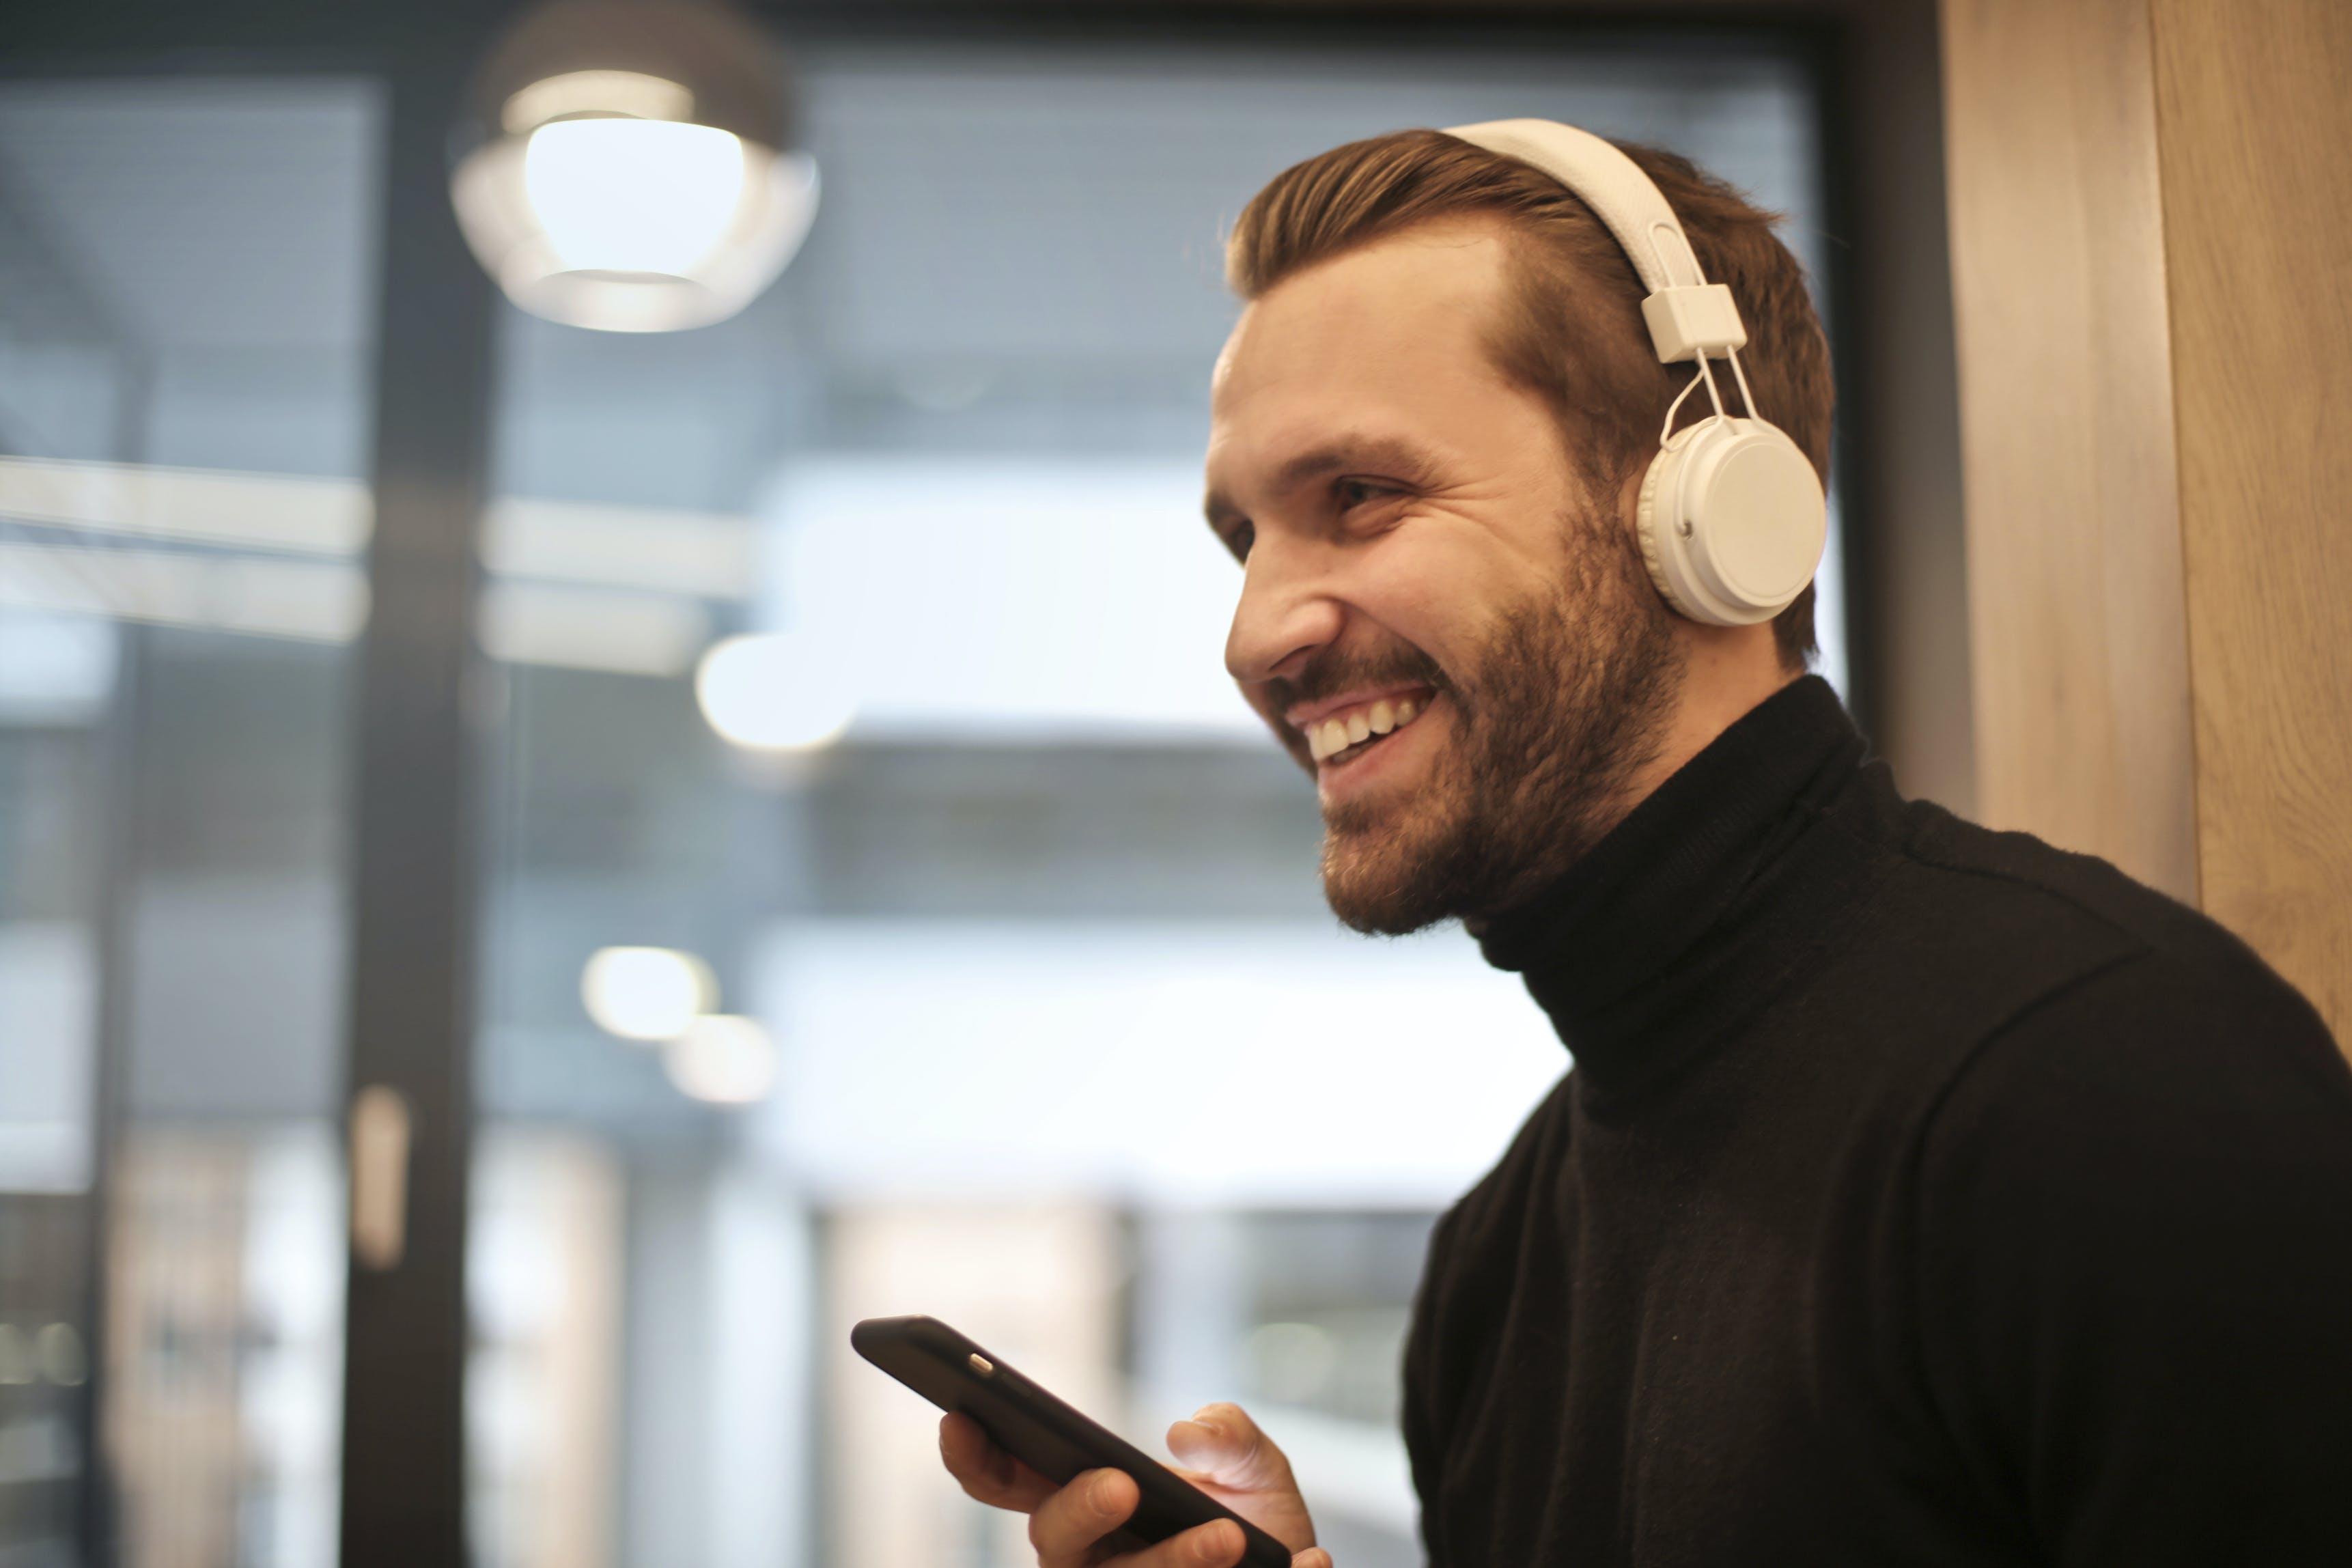 de aparelho, celular, escutar, fones de ouvido